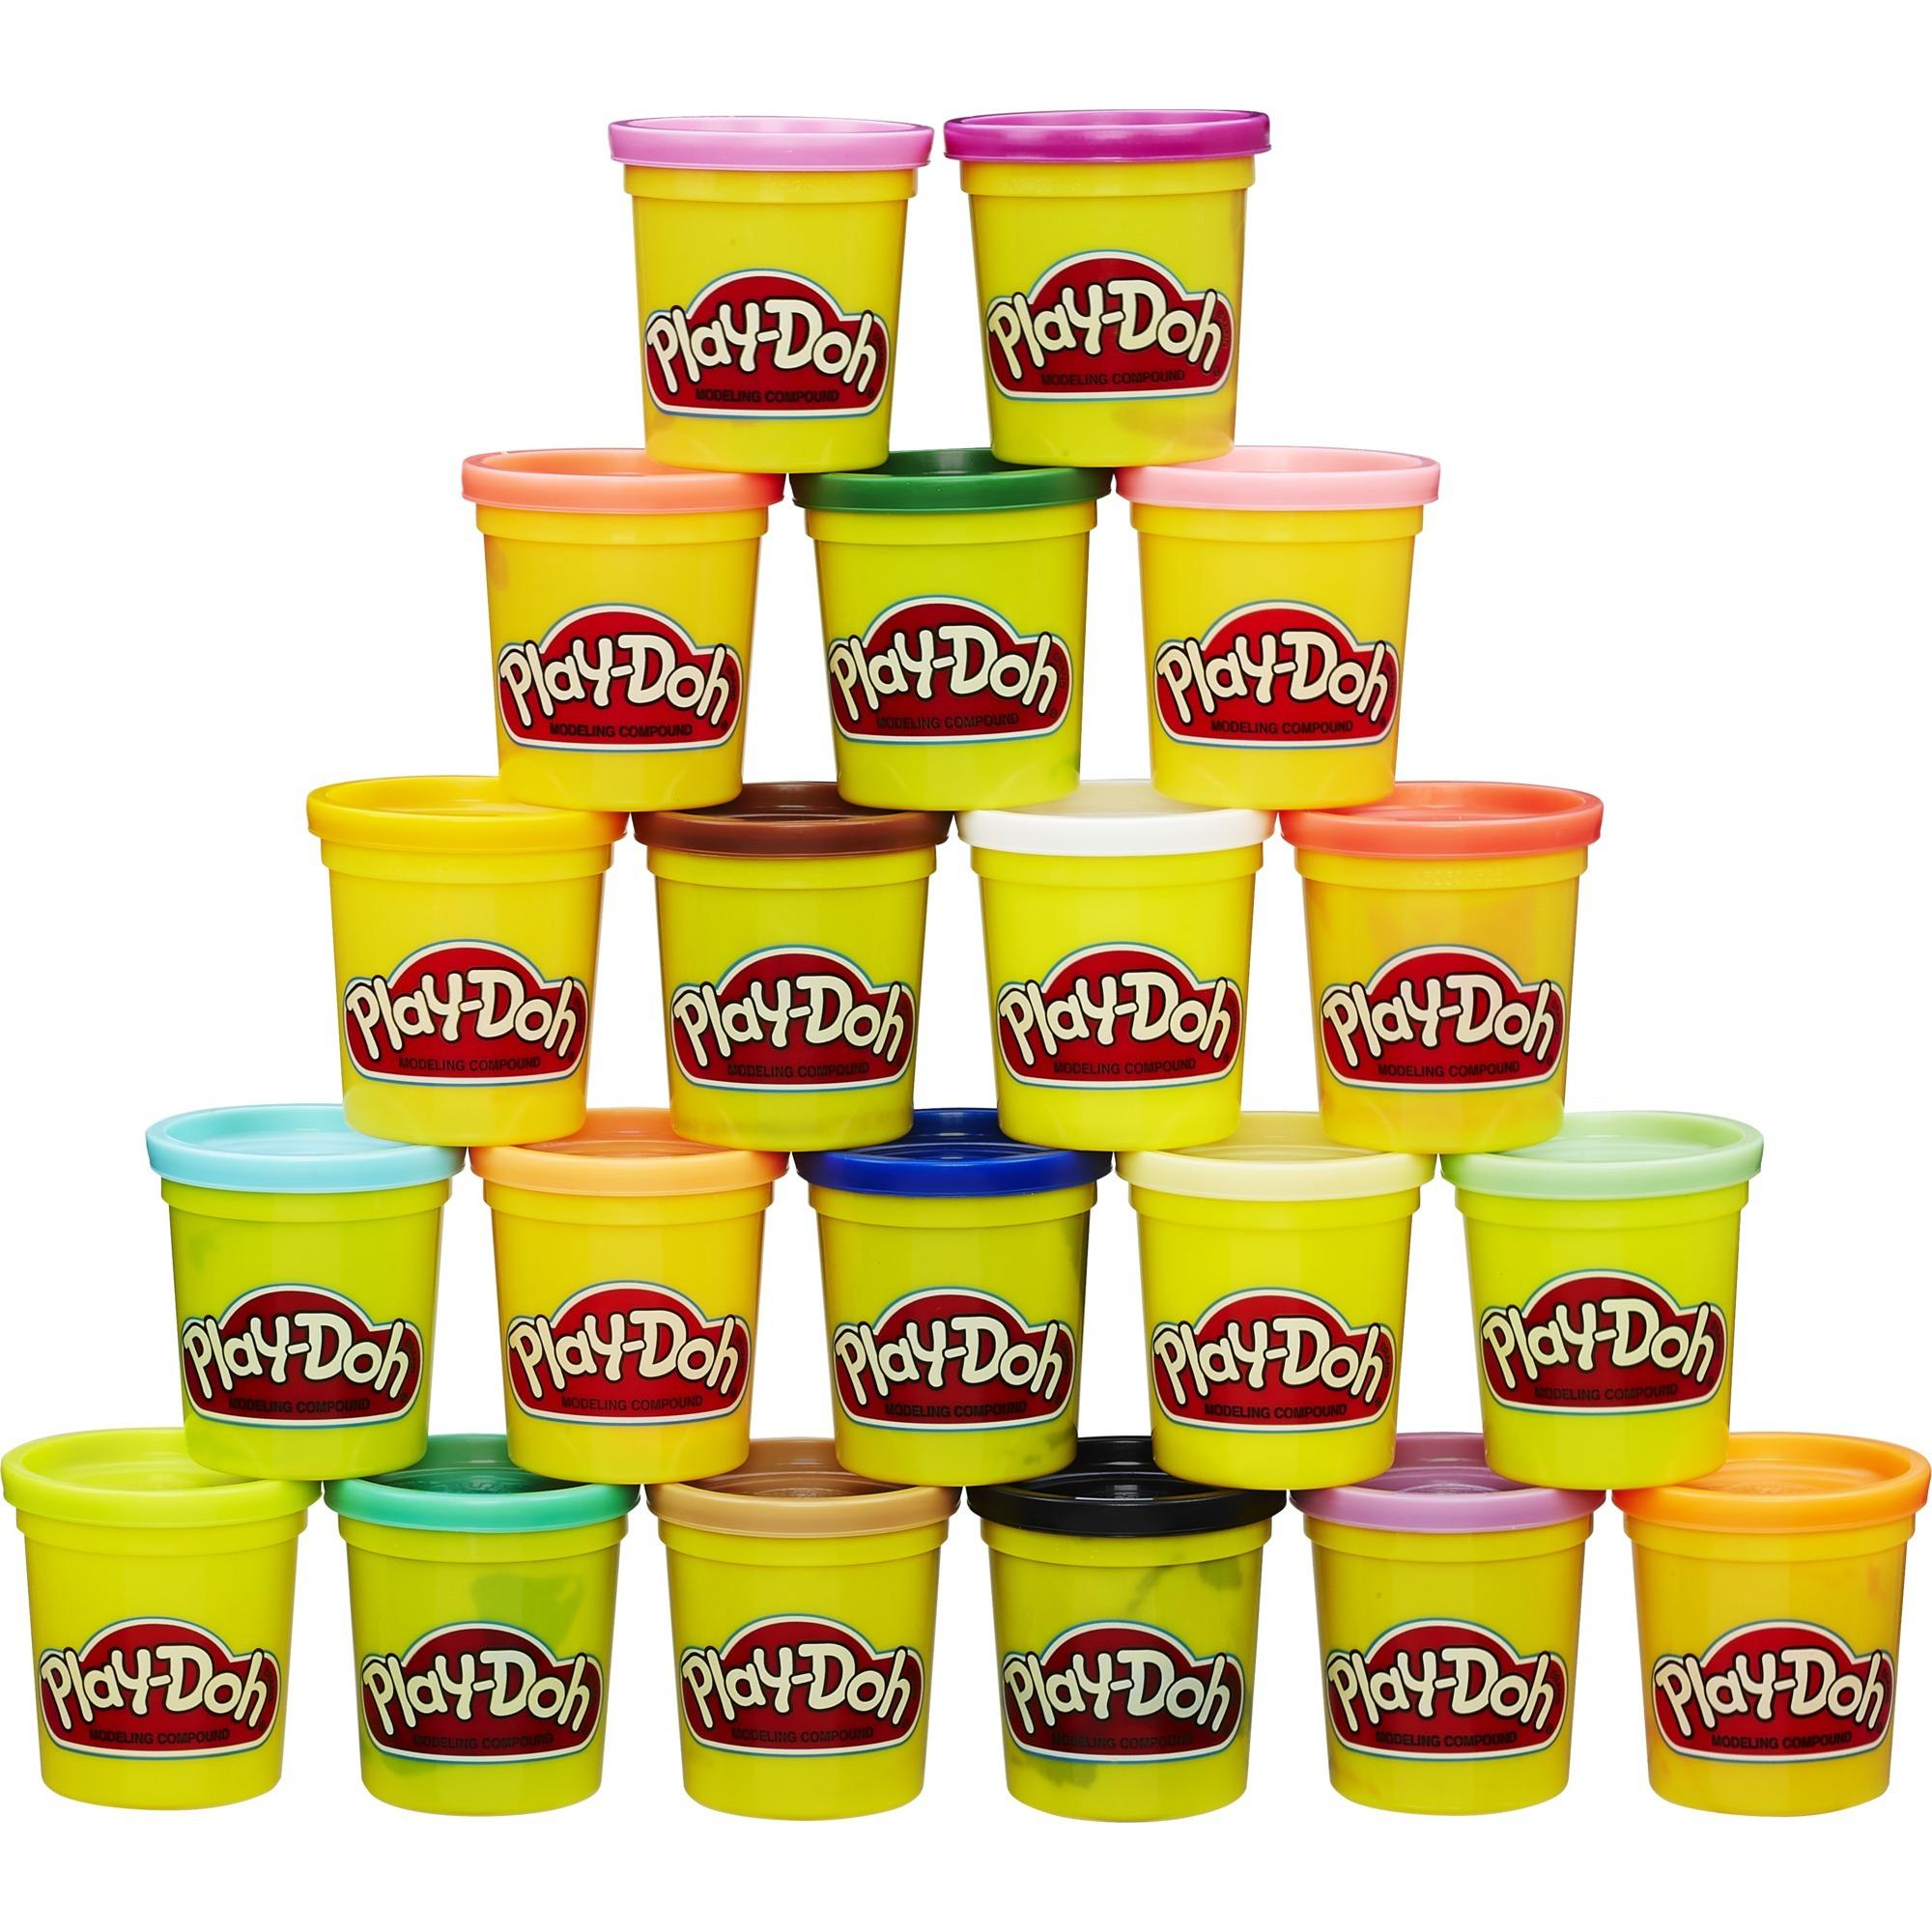 A7924EU70 Pasta para modelar 1680g Negro, Azul, Marrón, Verde, Naranja, Rosa, Púrpura, Rojo, Blanco, Amarillo compuesto para cerámica y modelaje, Mode